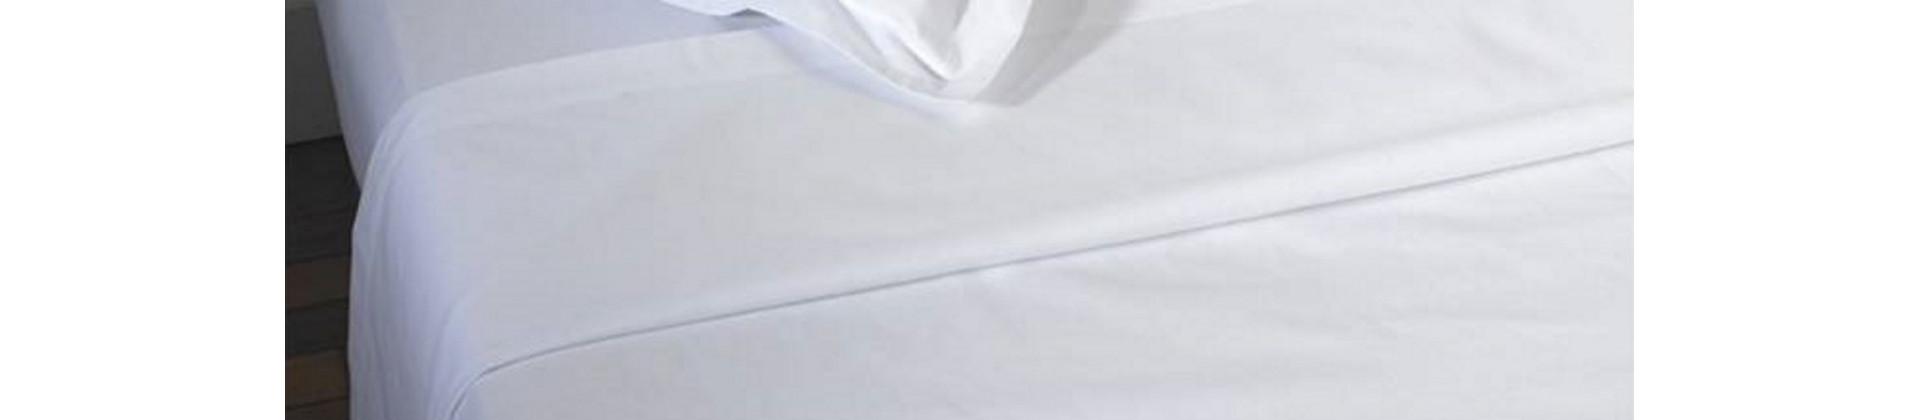 Draps plats blancs pour établissements hôteliers